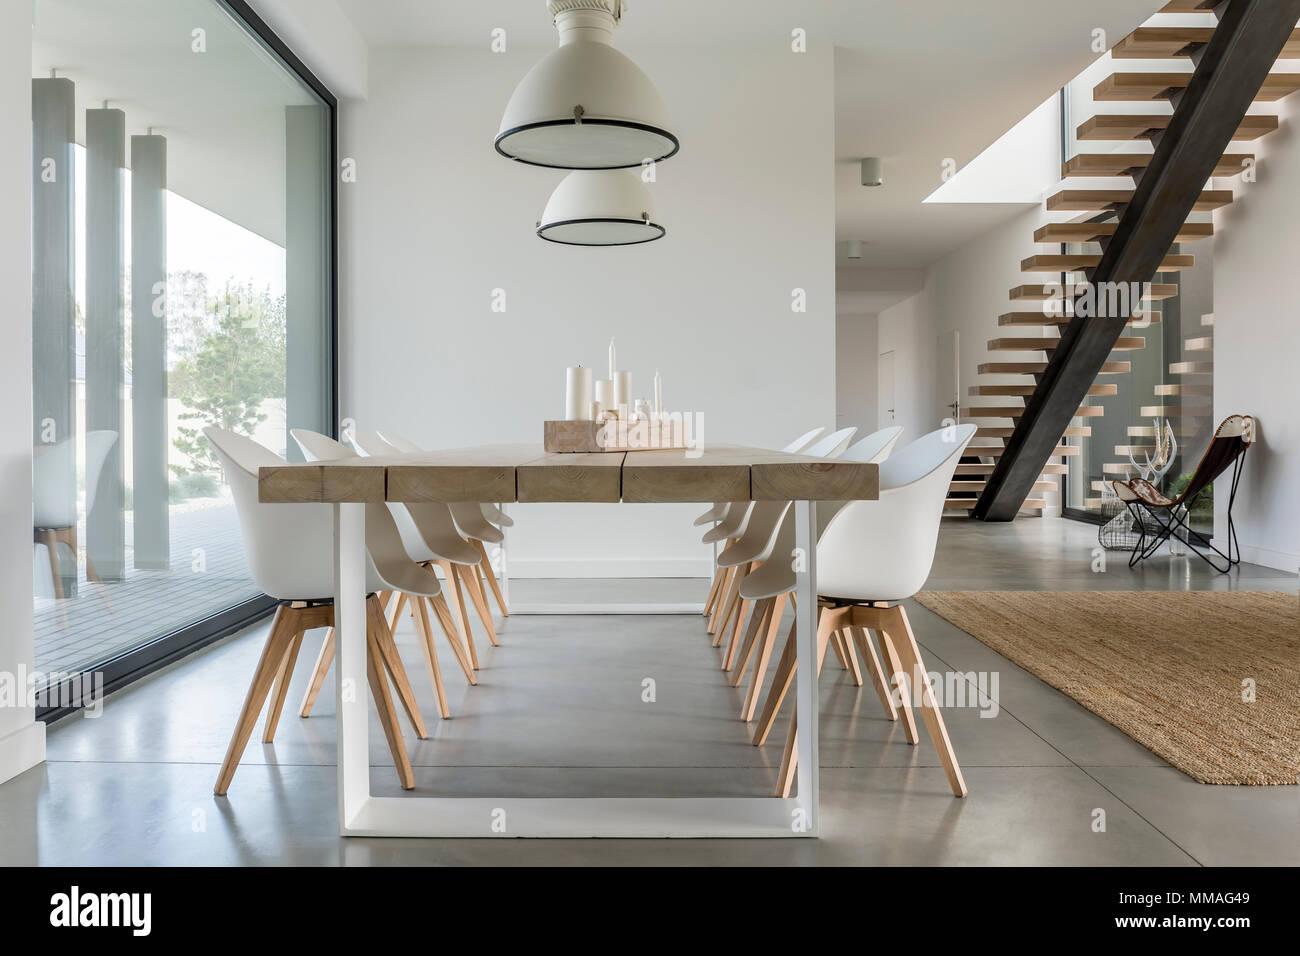 Esszimmer mit Fenster, Decken- und Treppen Stockfoto